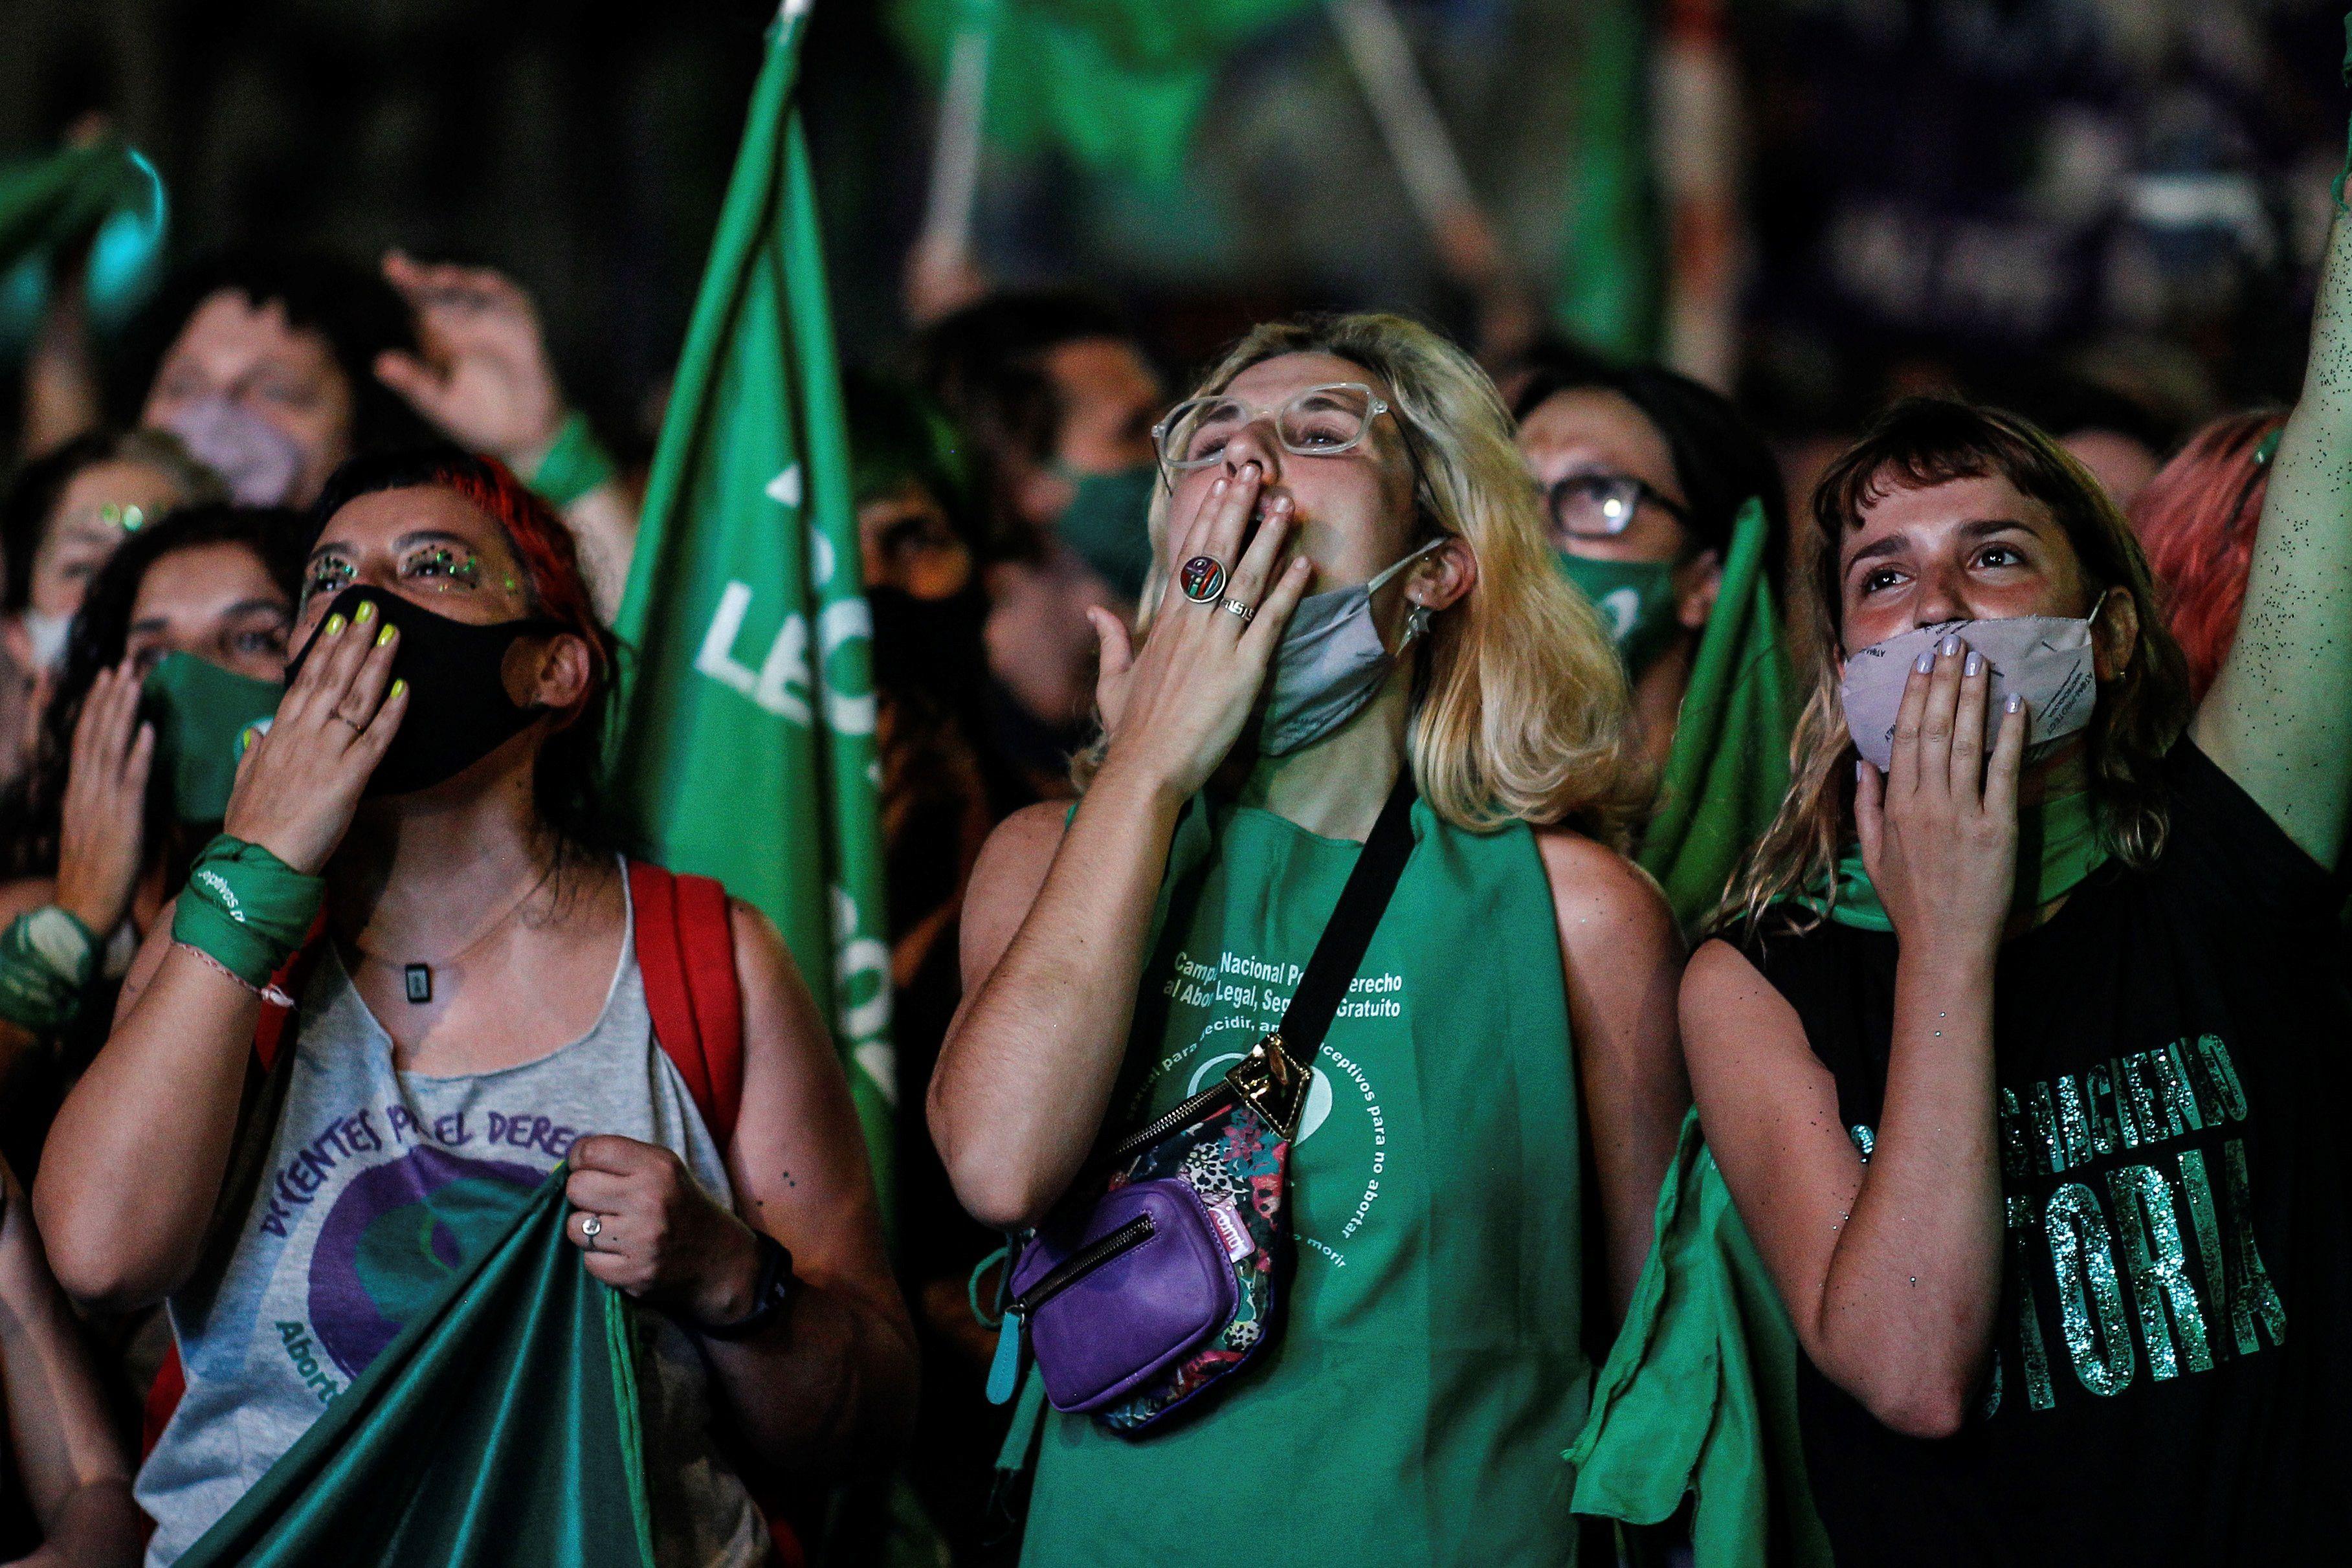 La ley de Interrupción Voluntaria del Embarazo fue sancionada el 30 de diciembre pasado por la madrugada, con 38 votos positivos, 29 negativos y una abstención (EFE/ Juan Ignacio Roncoroni)